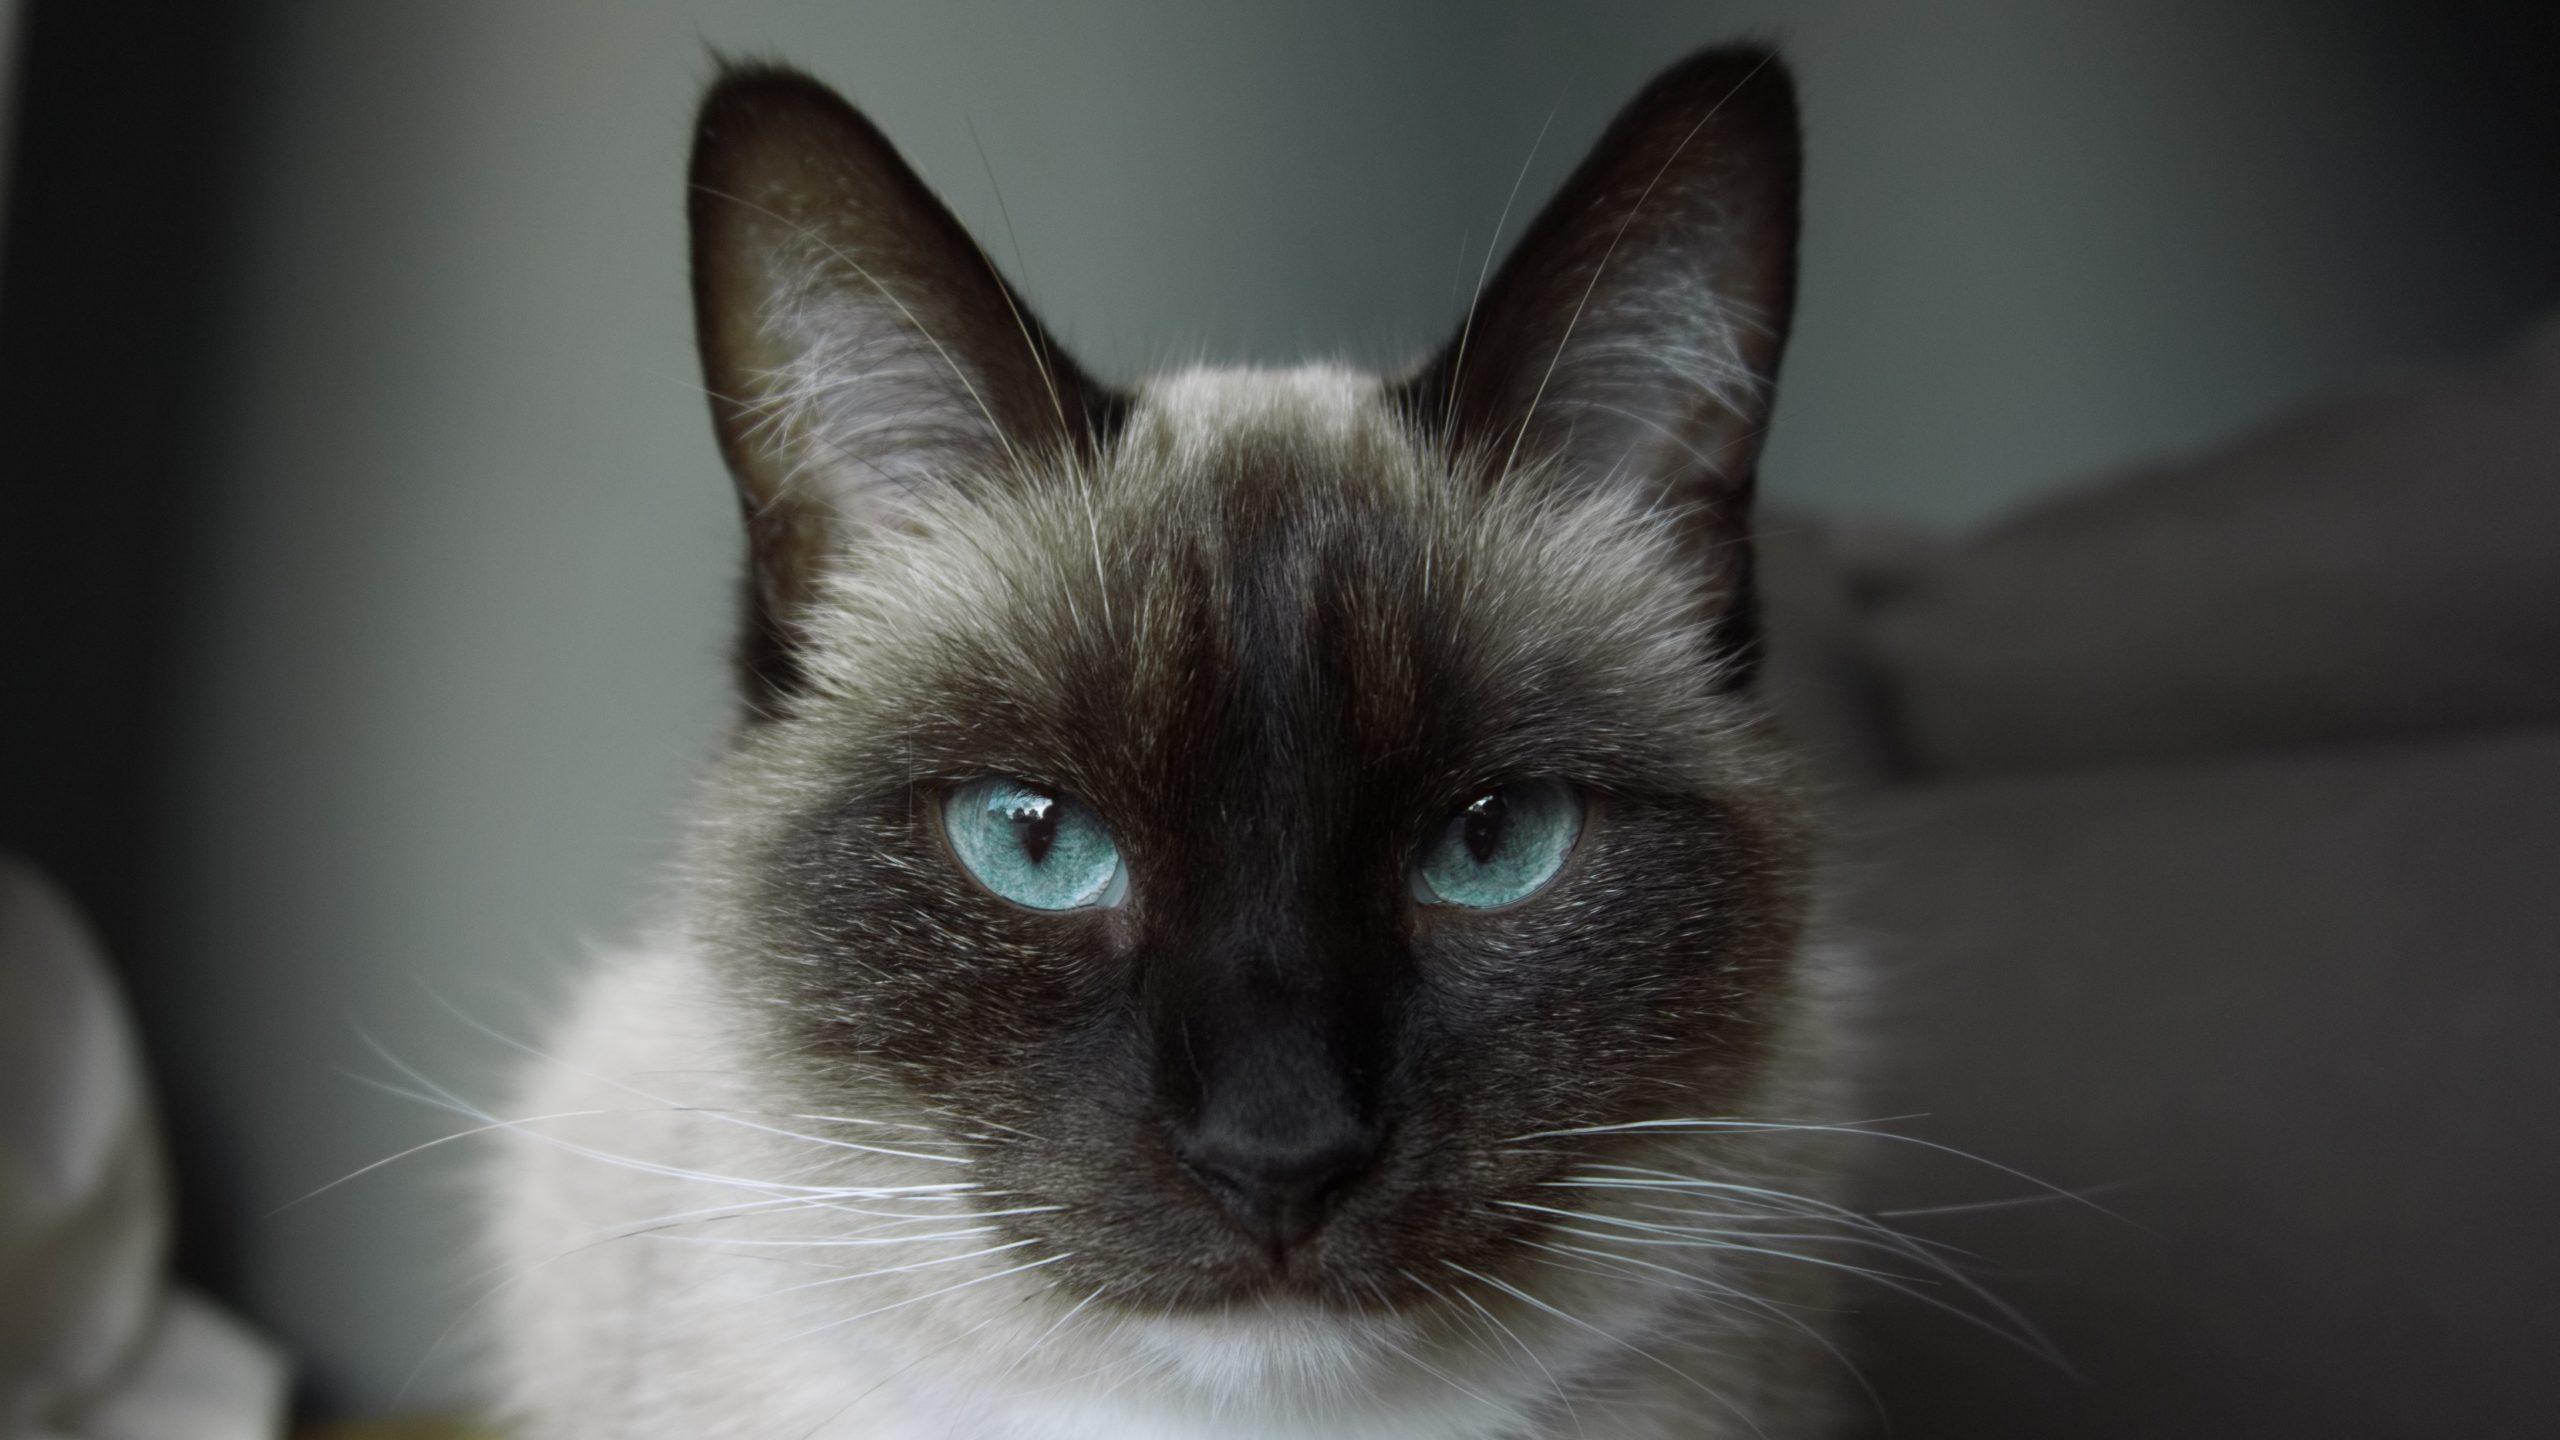 pourquoi la nuit tout les chat sont gris